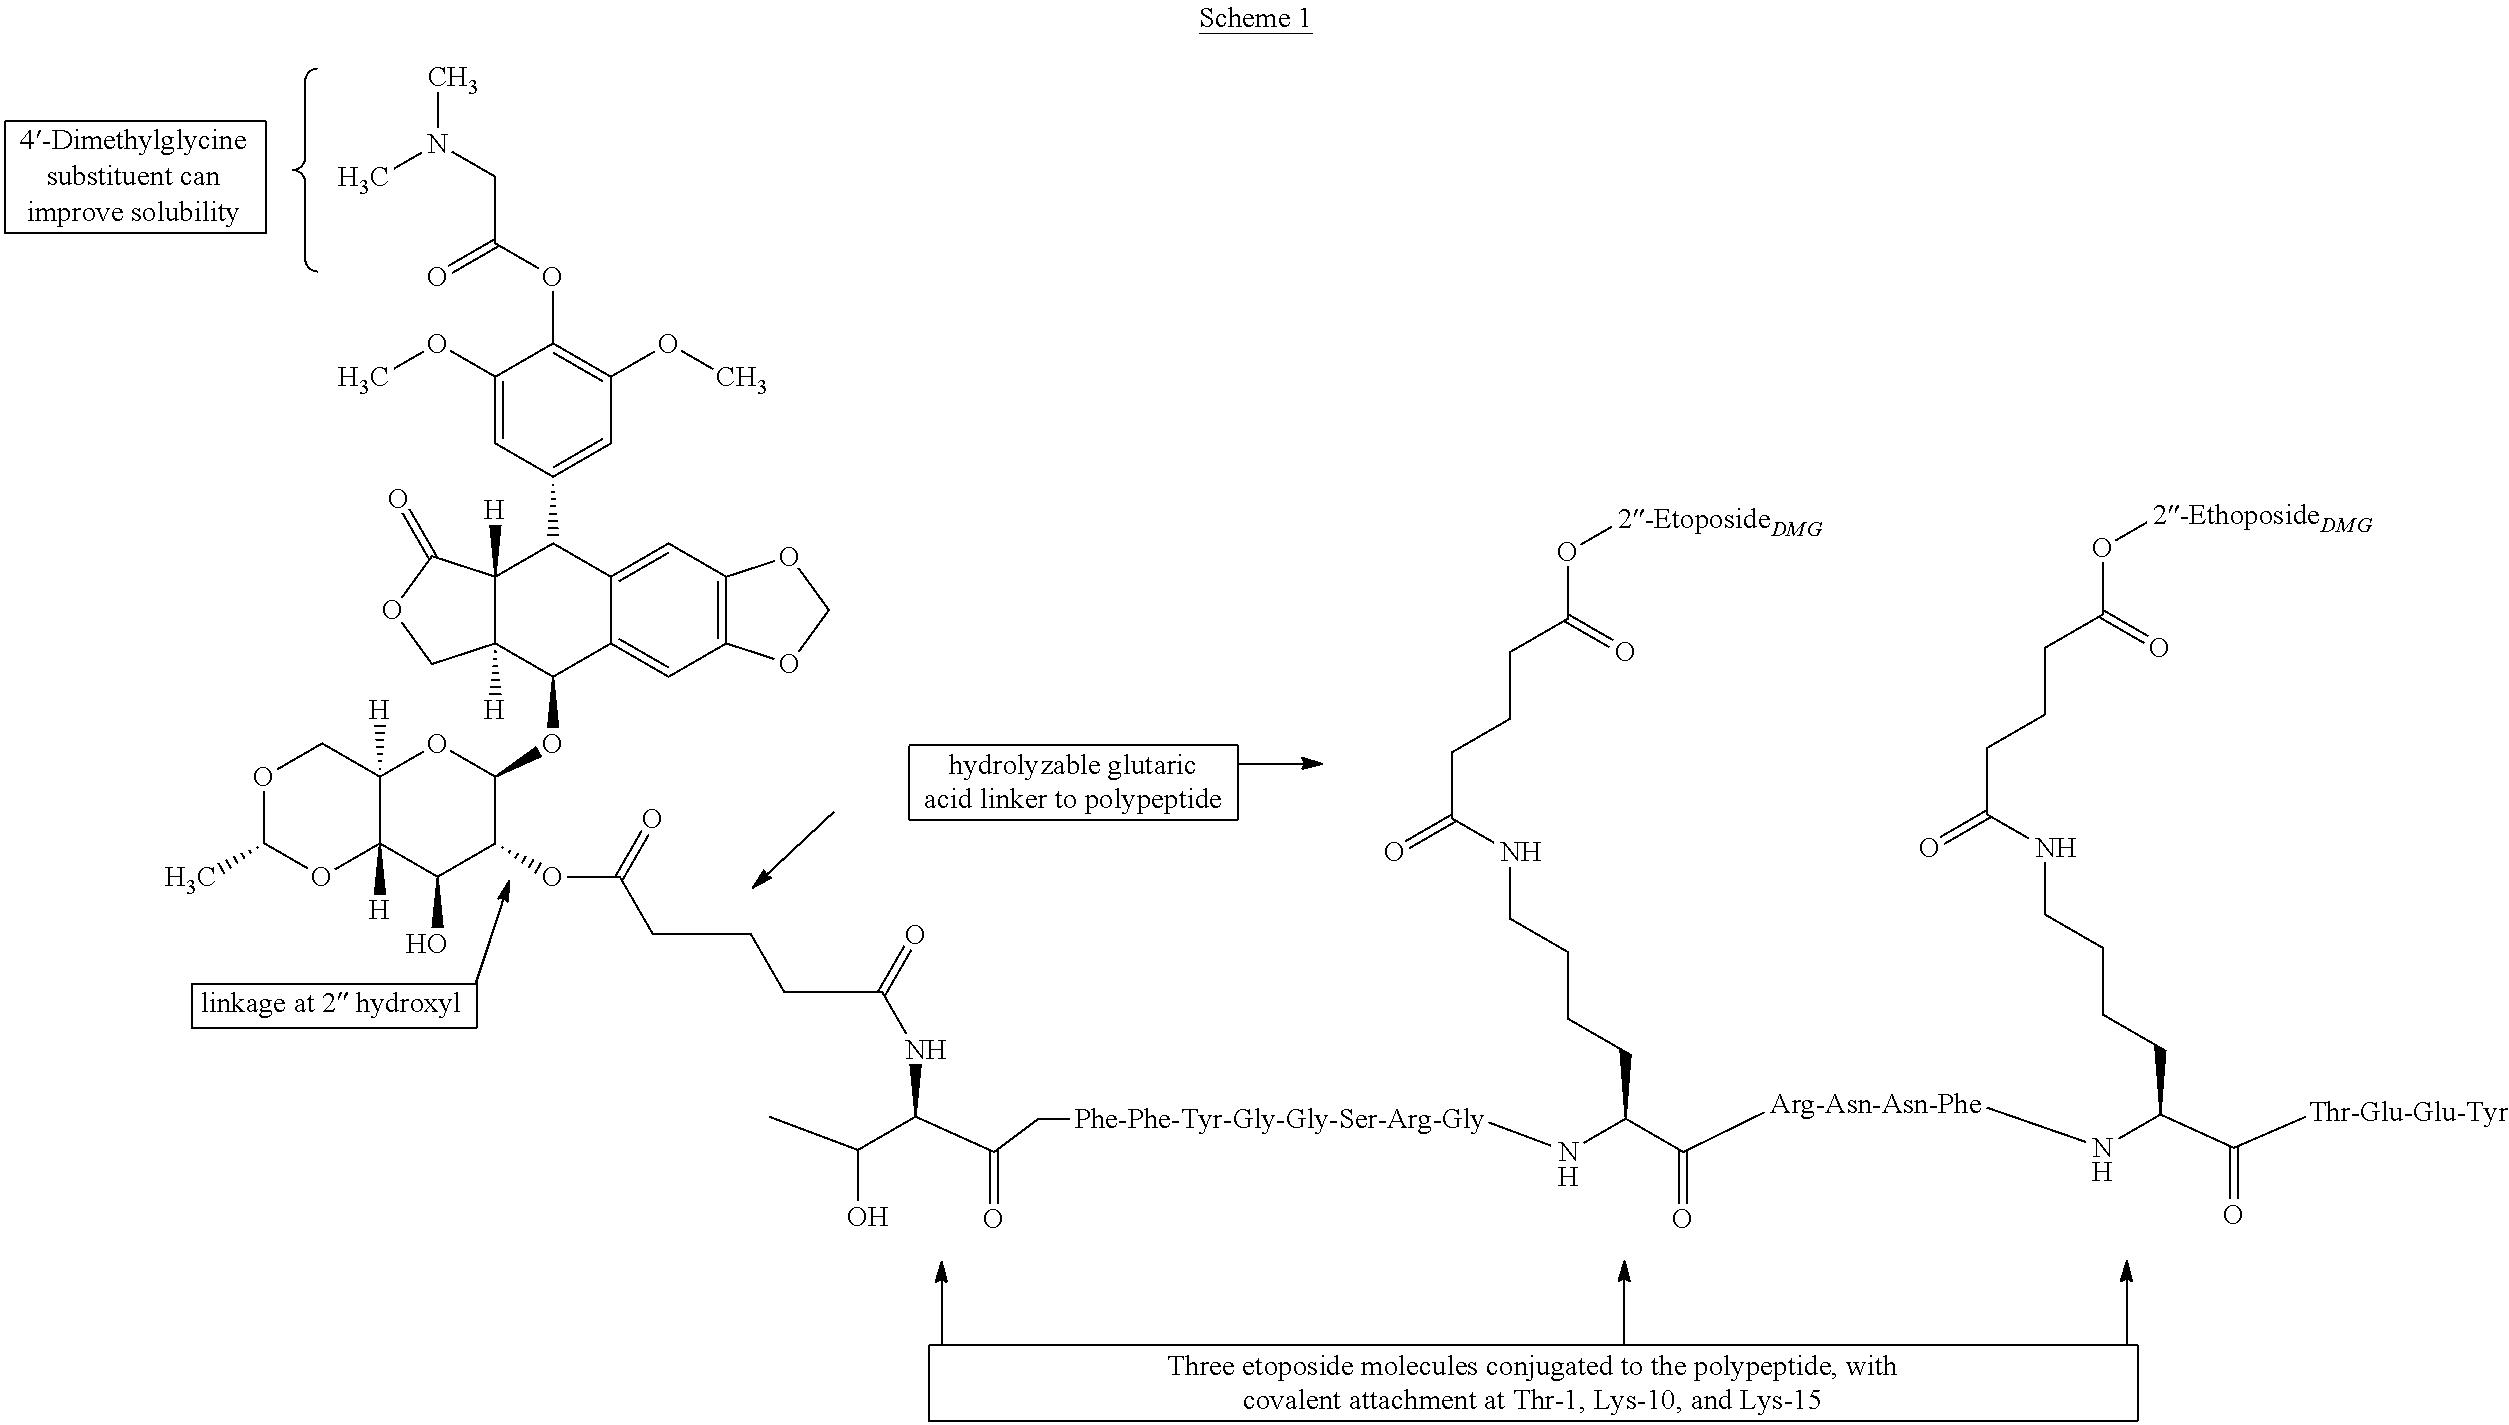 US A1 Etoposide and doxorubicin conjugates for